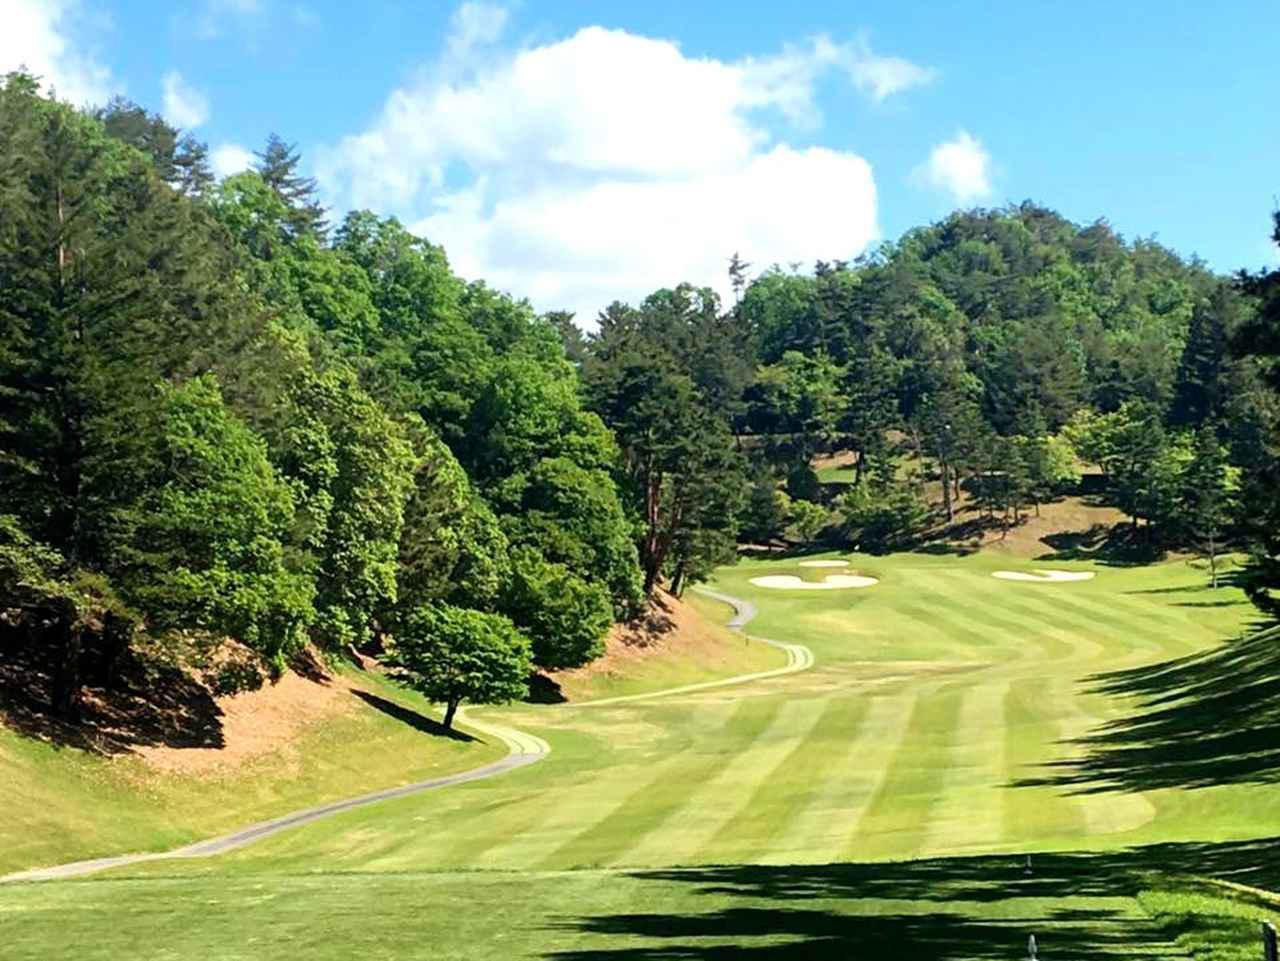 画像: 伏尾ゴルフ倶楽部 27H・9920Y・P108 広々とした東コース、テクニカルな南コース、グリーンの傾斜が特徴的な西コースの27ホール